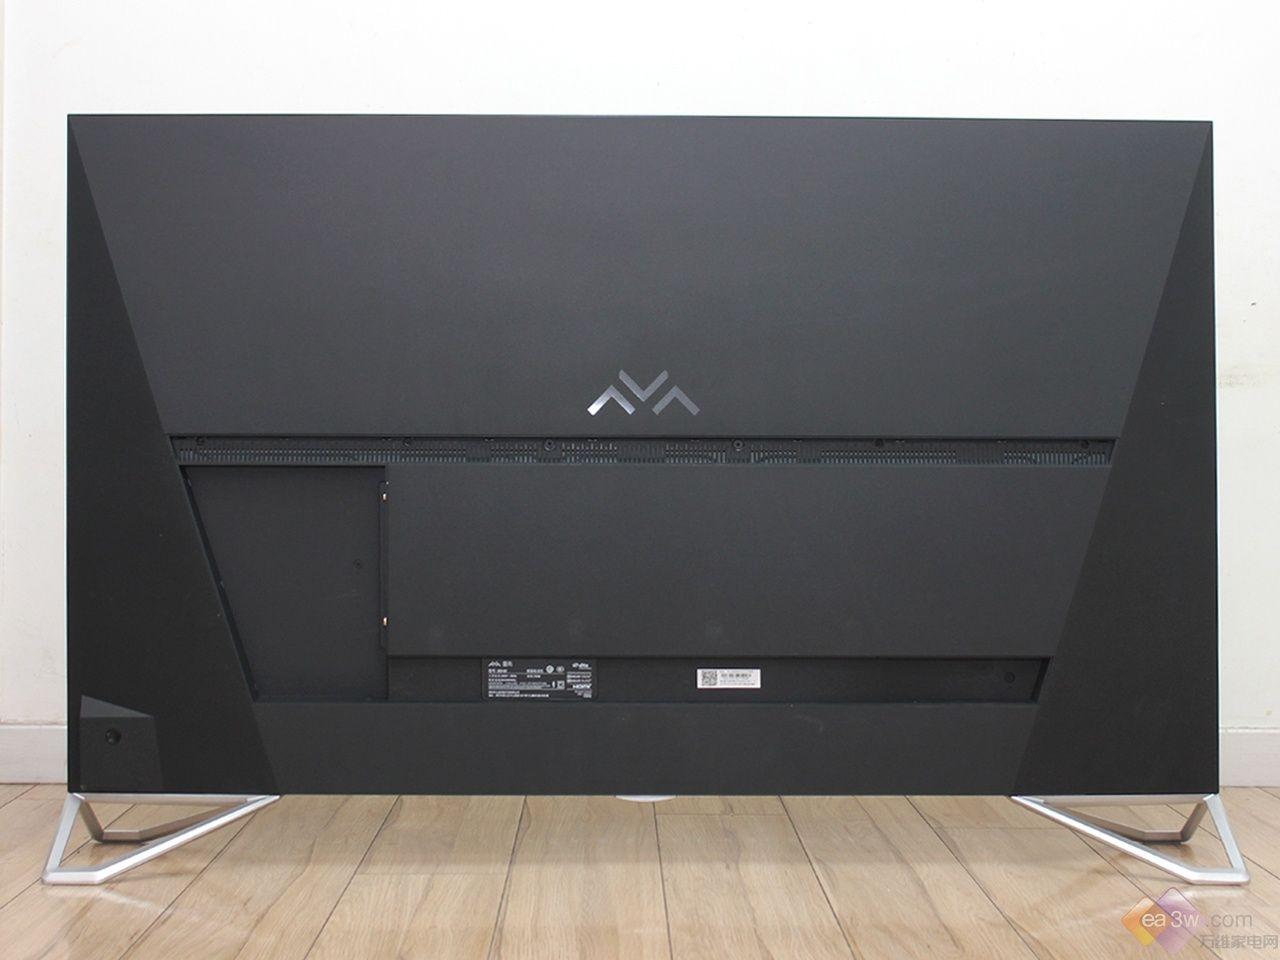 简单为王!雷鸟首款智能电视I55-UI测评